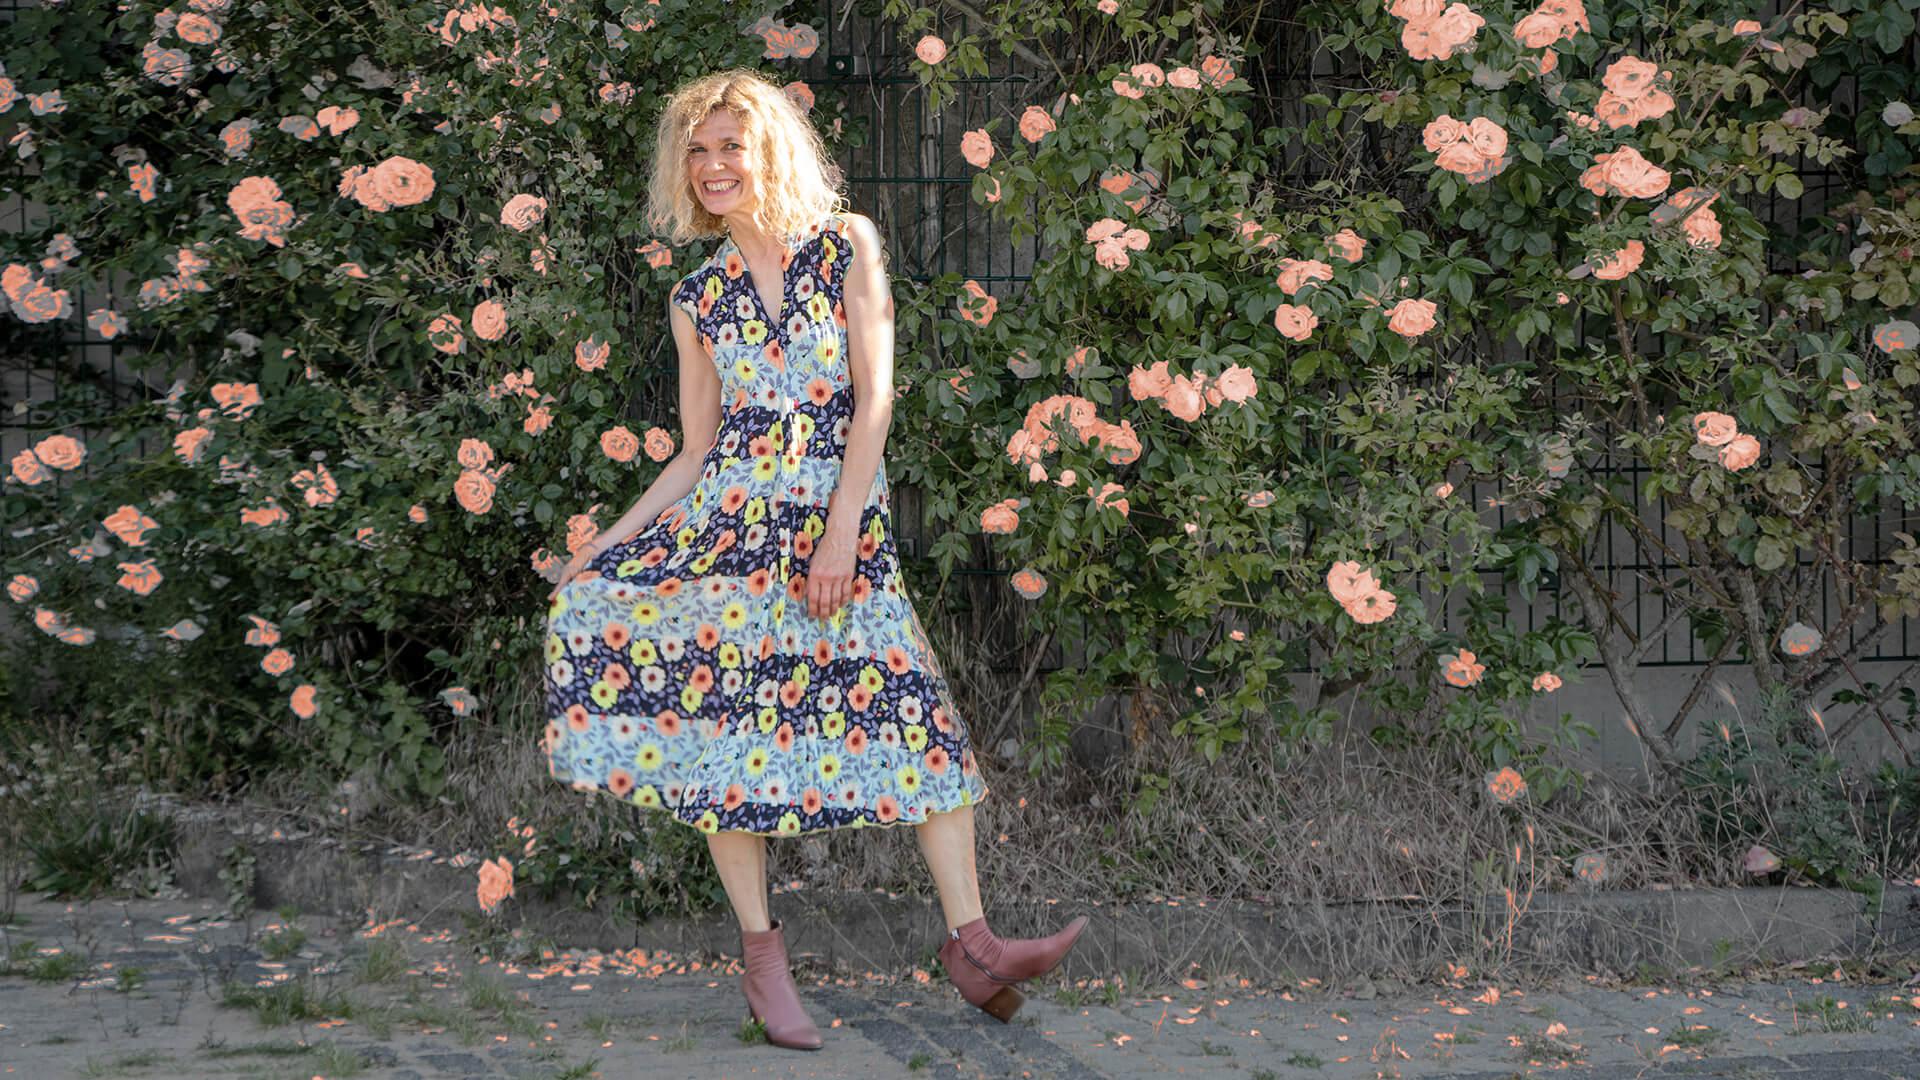 #Sommerkleid #blumenmeer Seidenleicht